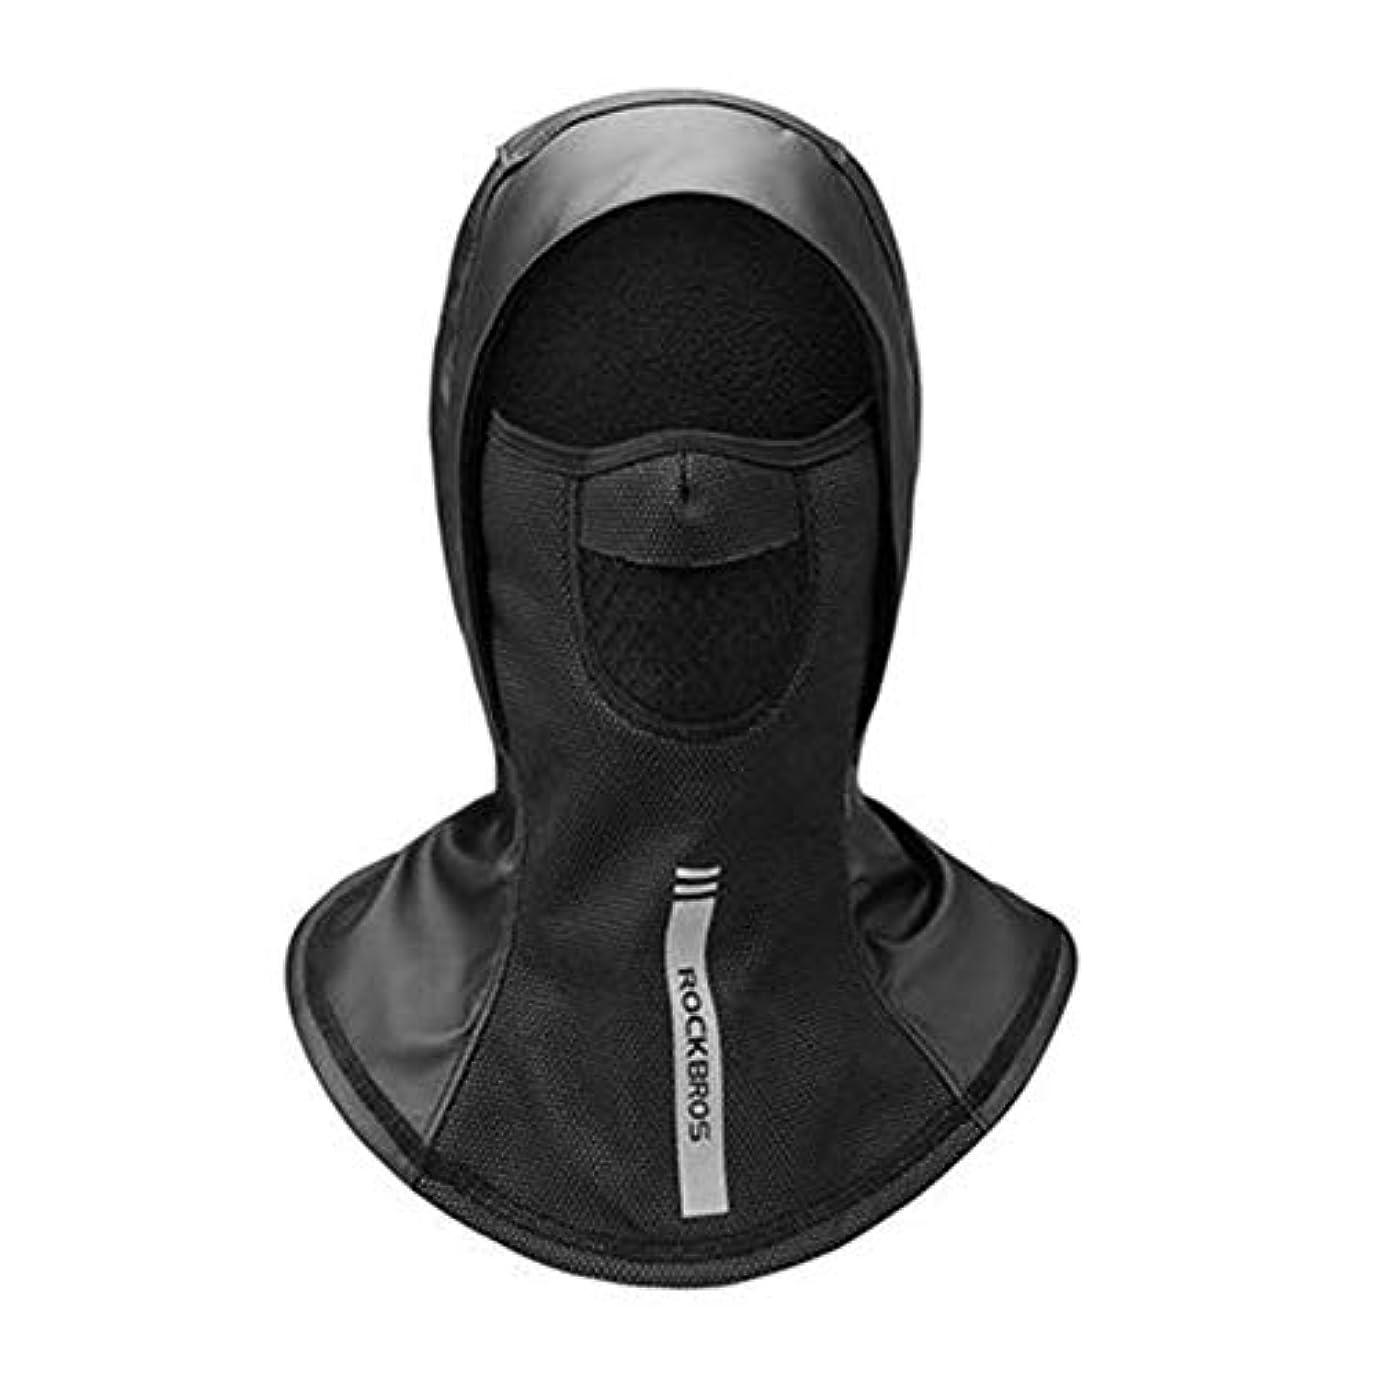 モジュール書き込み処分したオートバイに適した通気穴を備えた防水フリース生地防風スキーマスク、アウトドアスポーツマスクに一般的なサイズに乗って